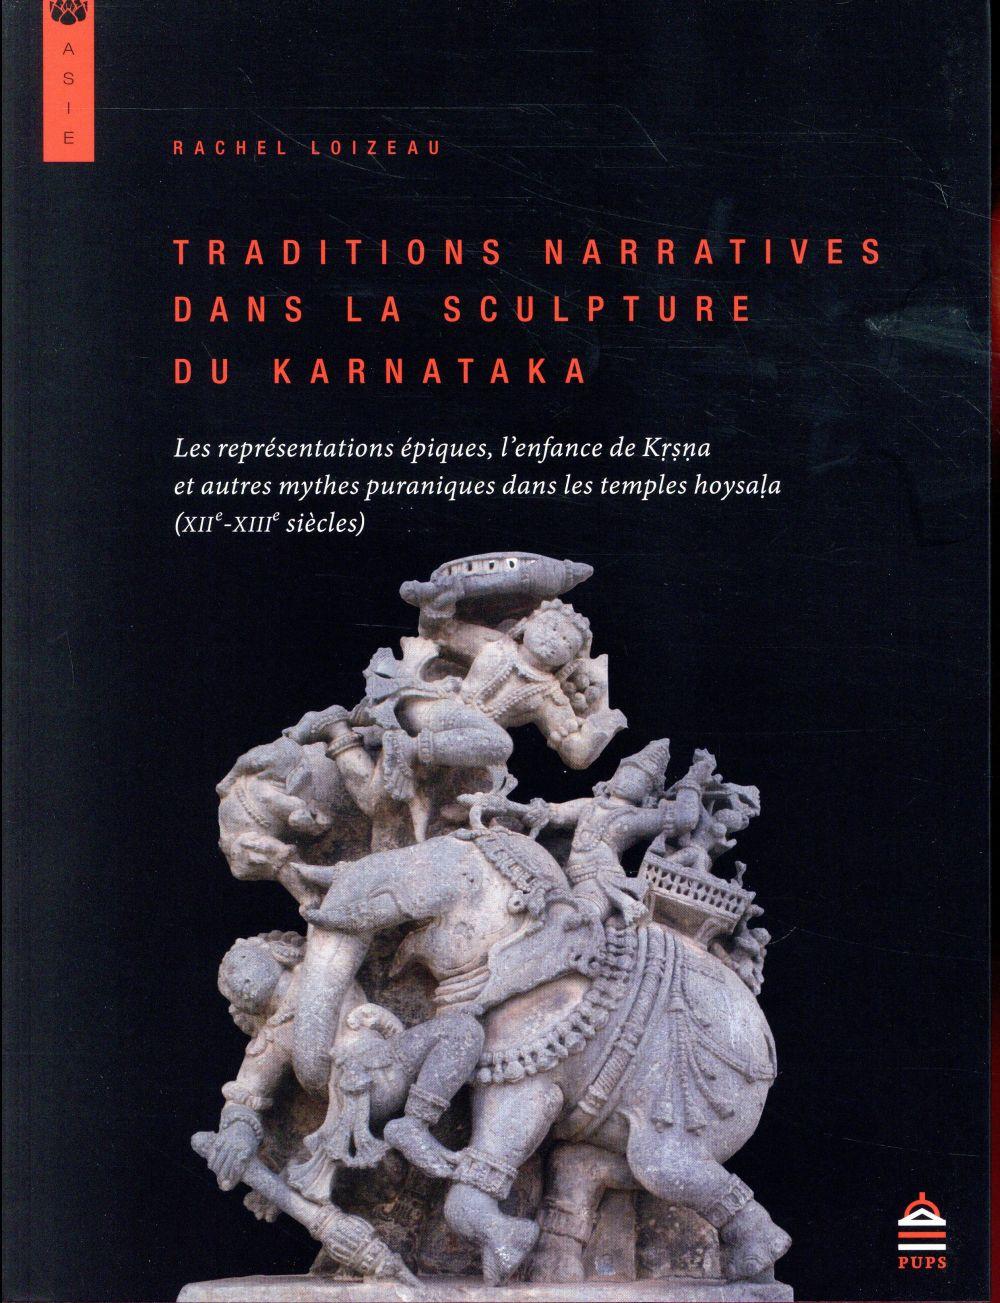 TRADITIONS NARRATIVES DANS LA SCULPTURE DU KARNATAKA - LES REPRESENTATIONS EPIQUES, L'ENFANCE DE KRS